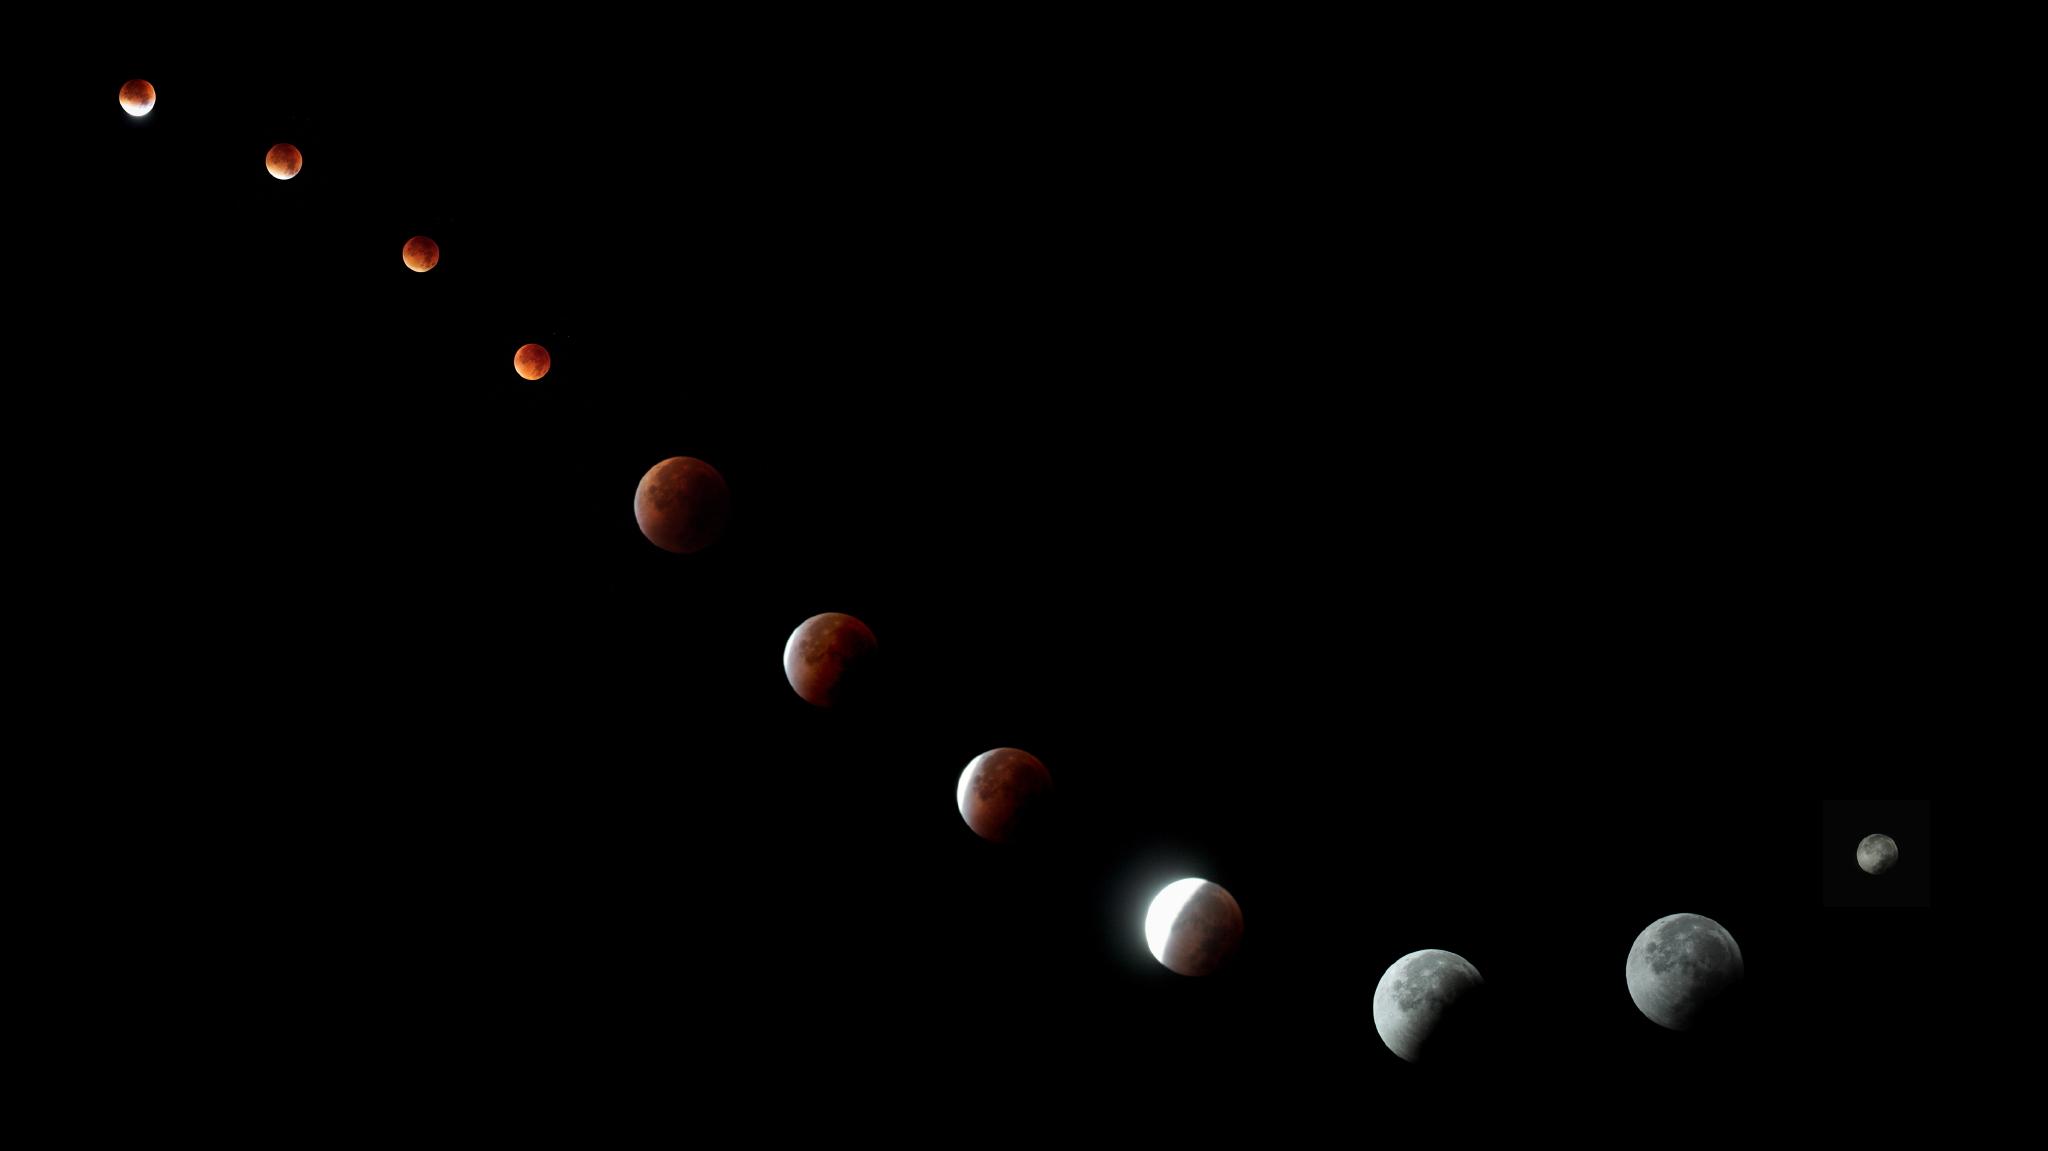 Eclipse de Lune du 28 septembre 2015 - Page 2 Eclips11